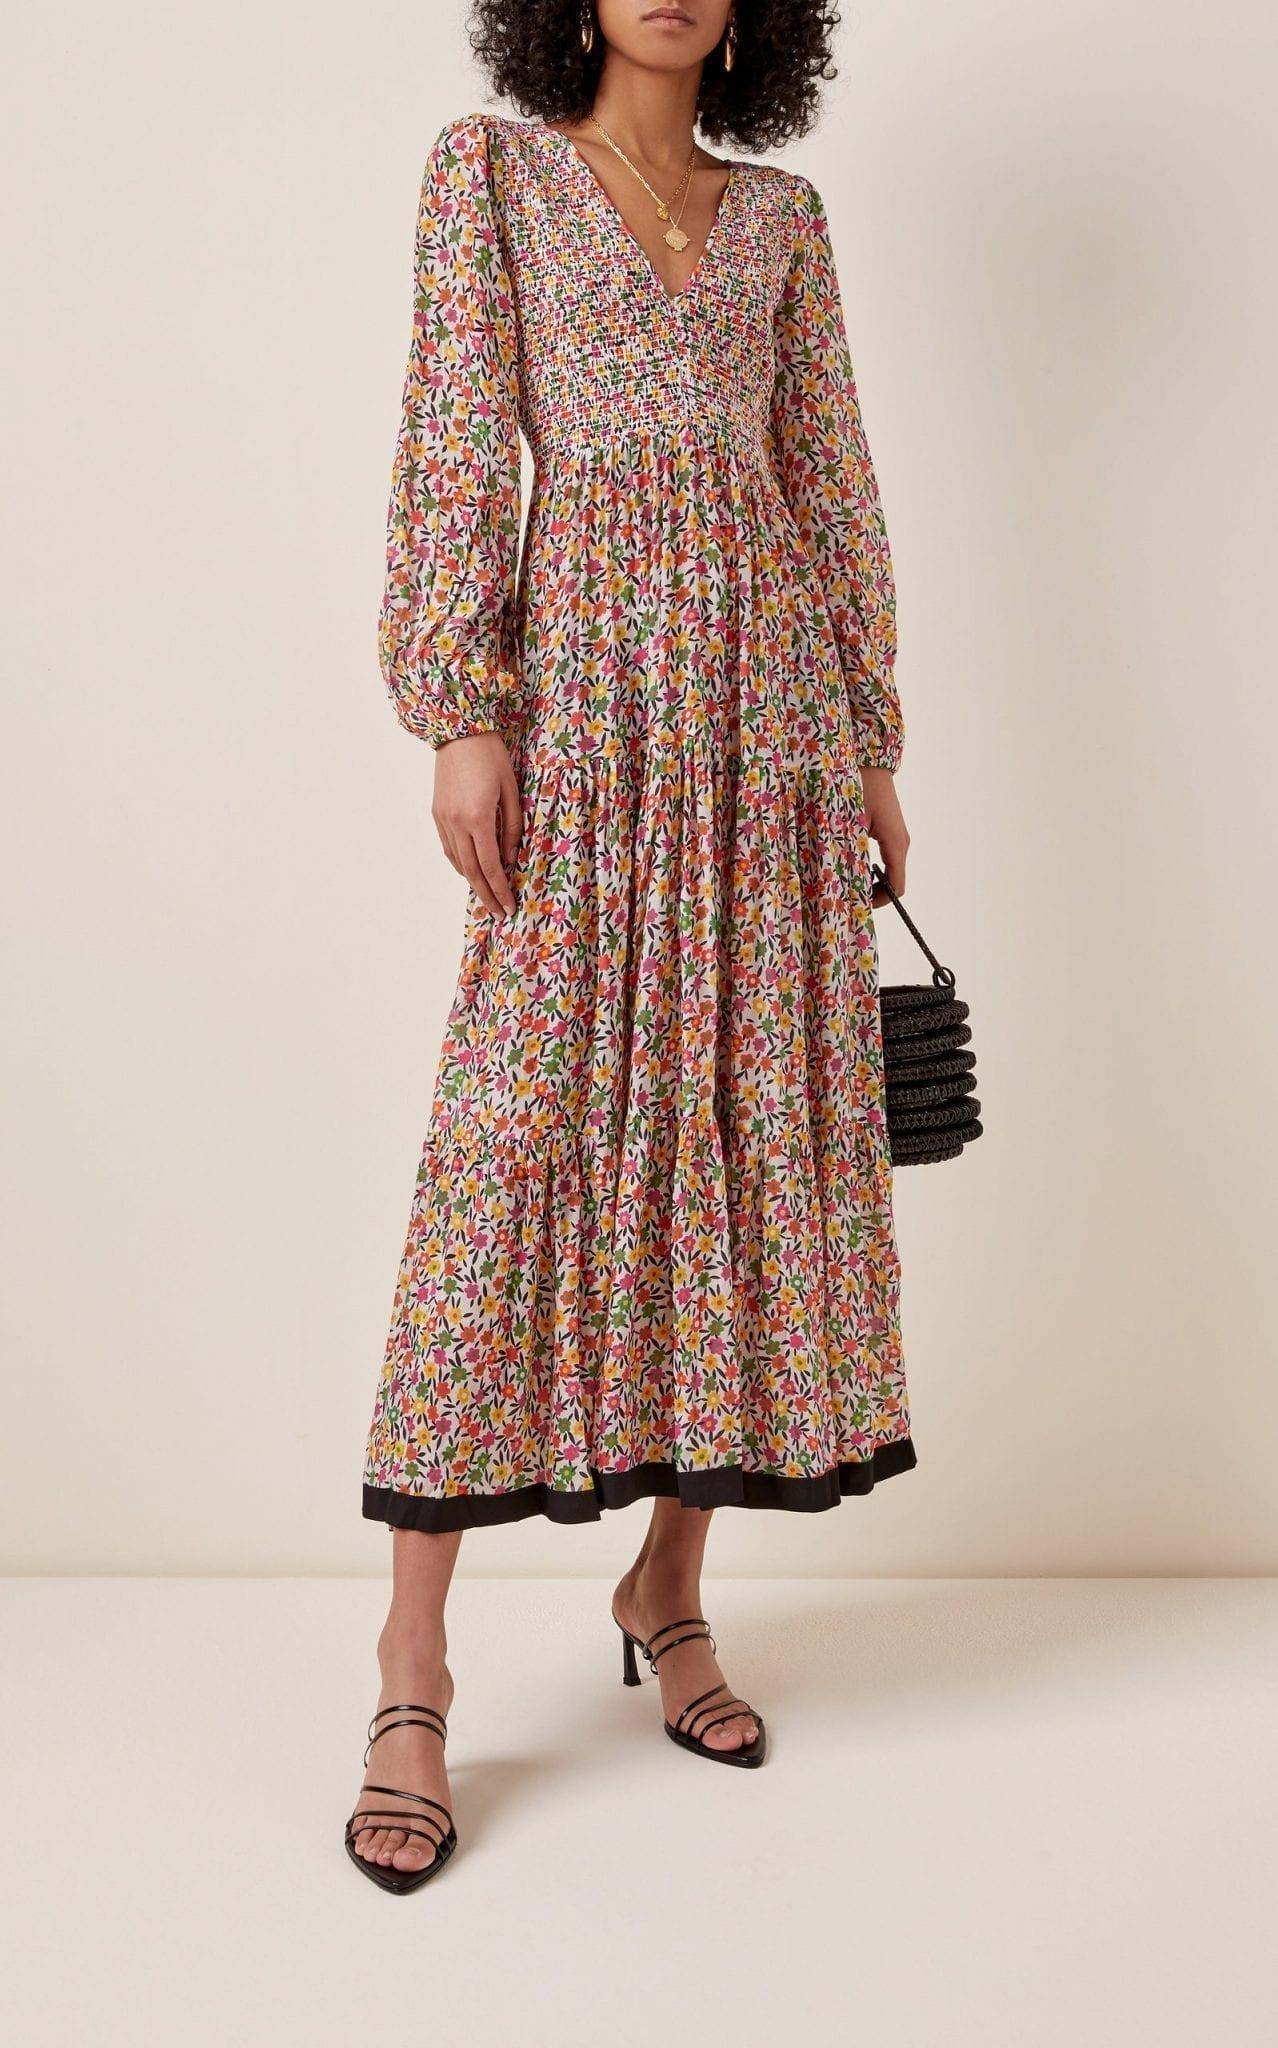 RIXO Brooke Printed Georgette Midi Dress